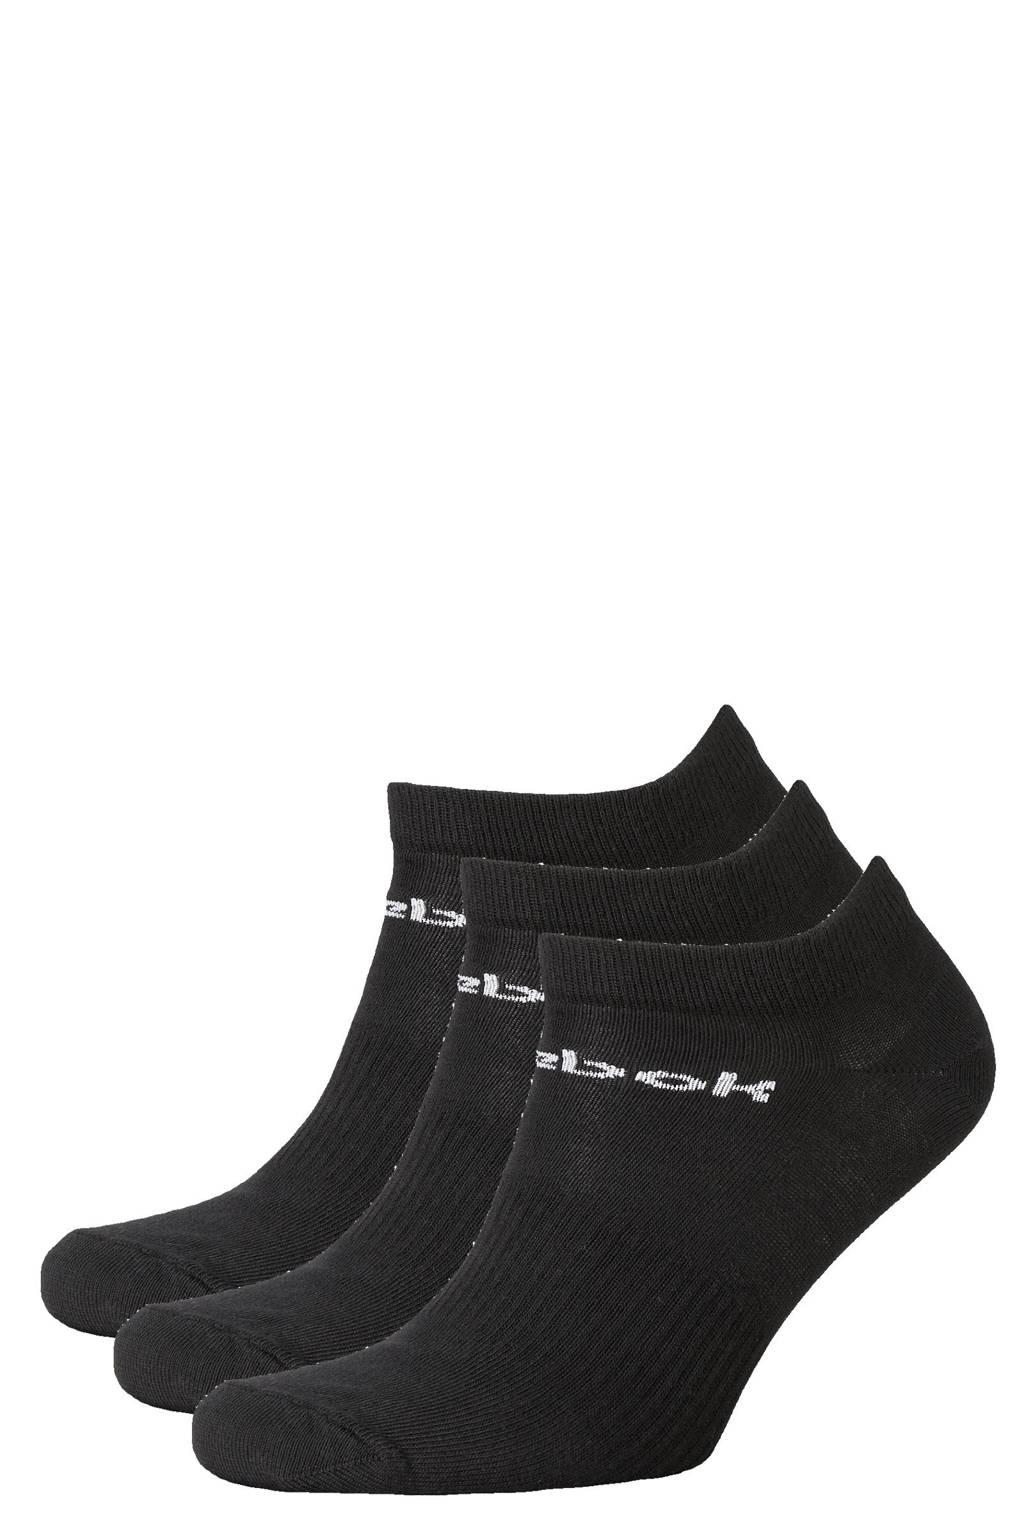 Reebok Training sneakersokken -  set van 3 zwart, Zwart